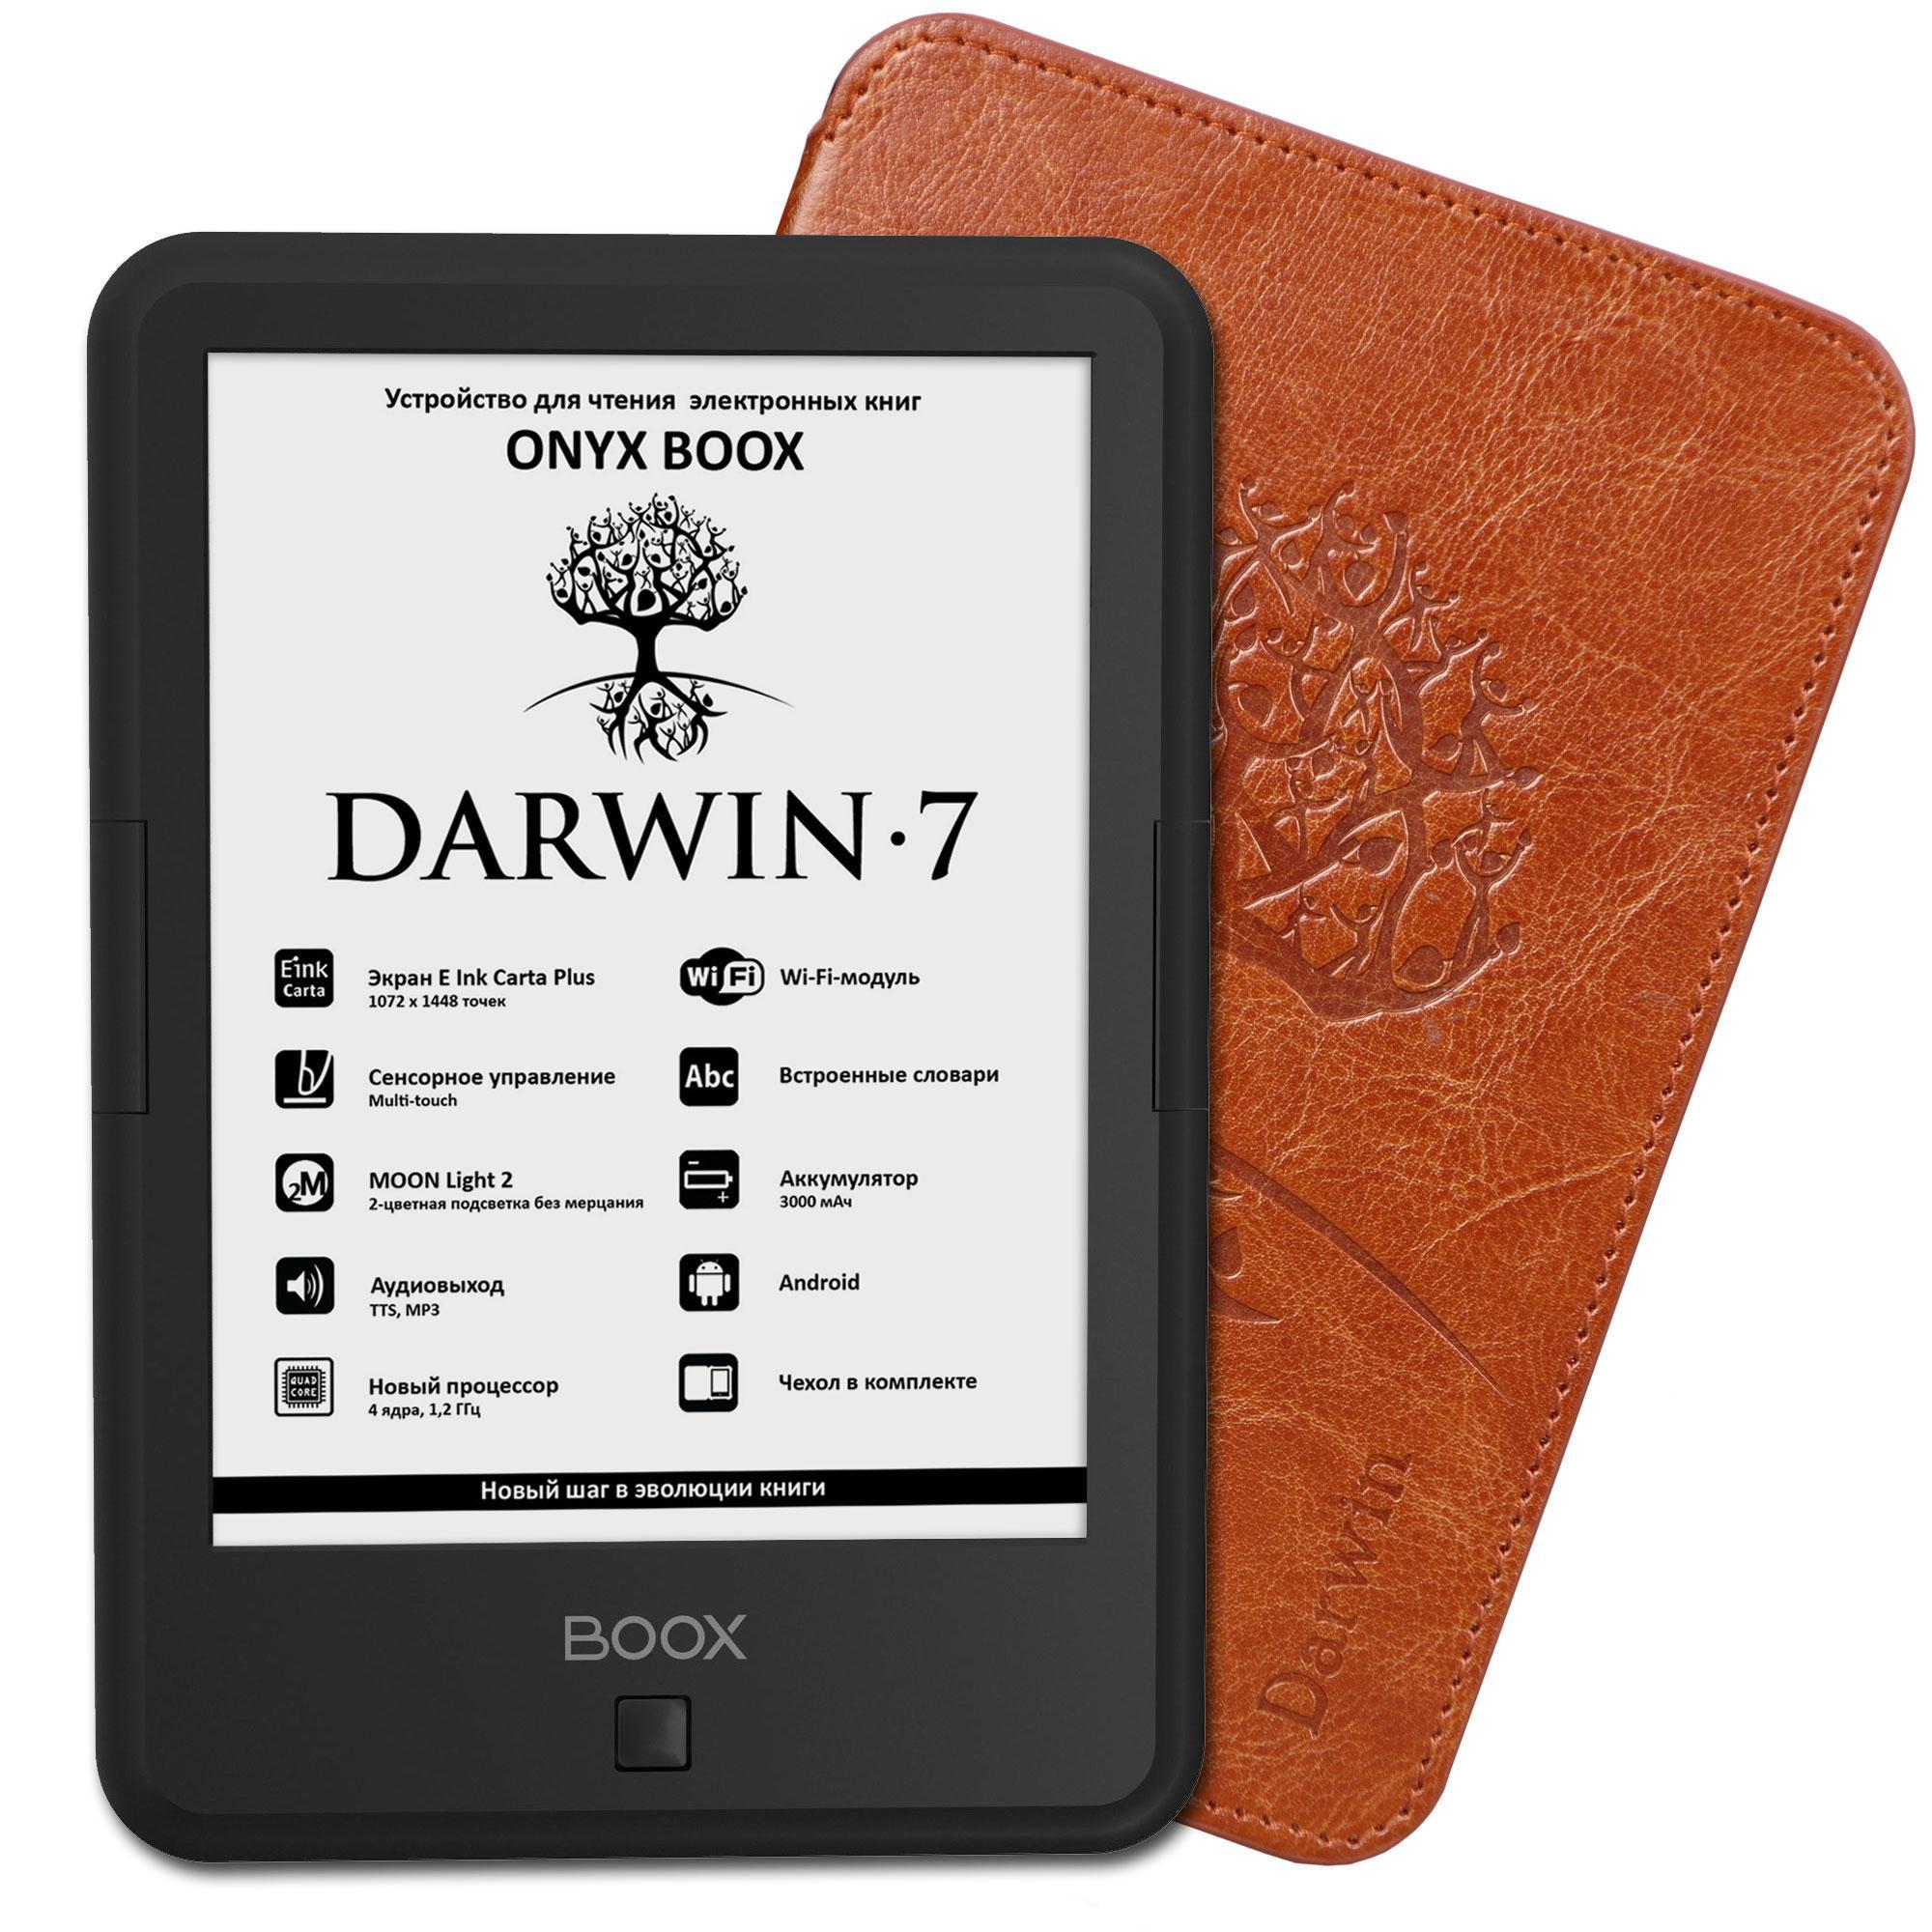 Новый букридер ONYX BOOX Darwin 7 инесколько его отличительных особенностей